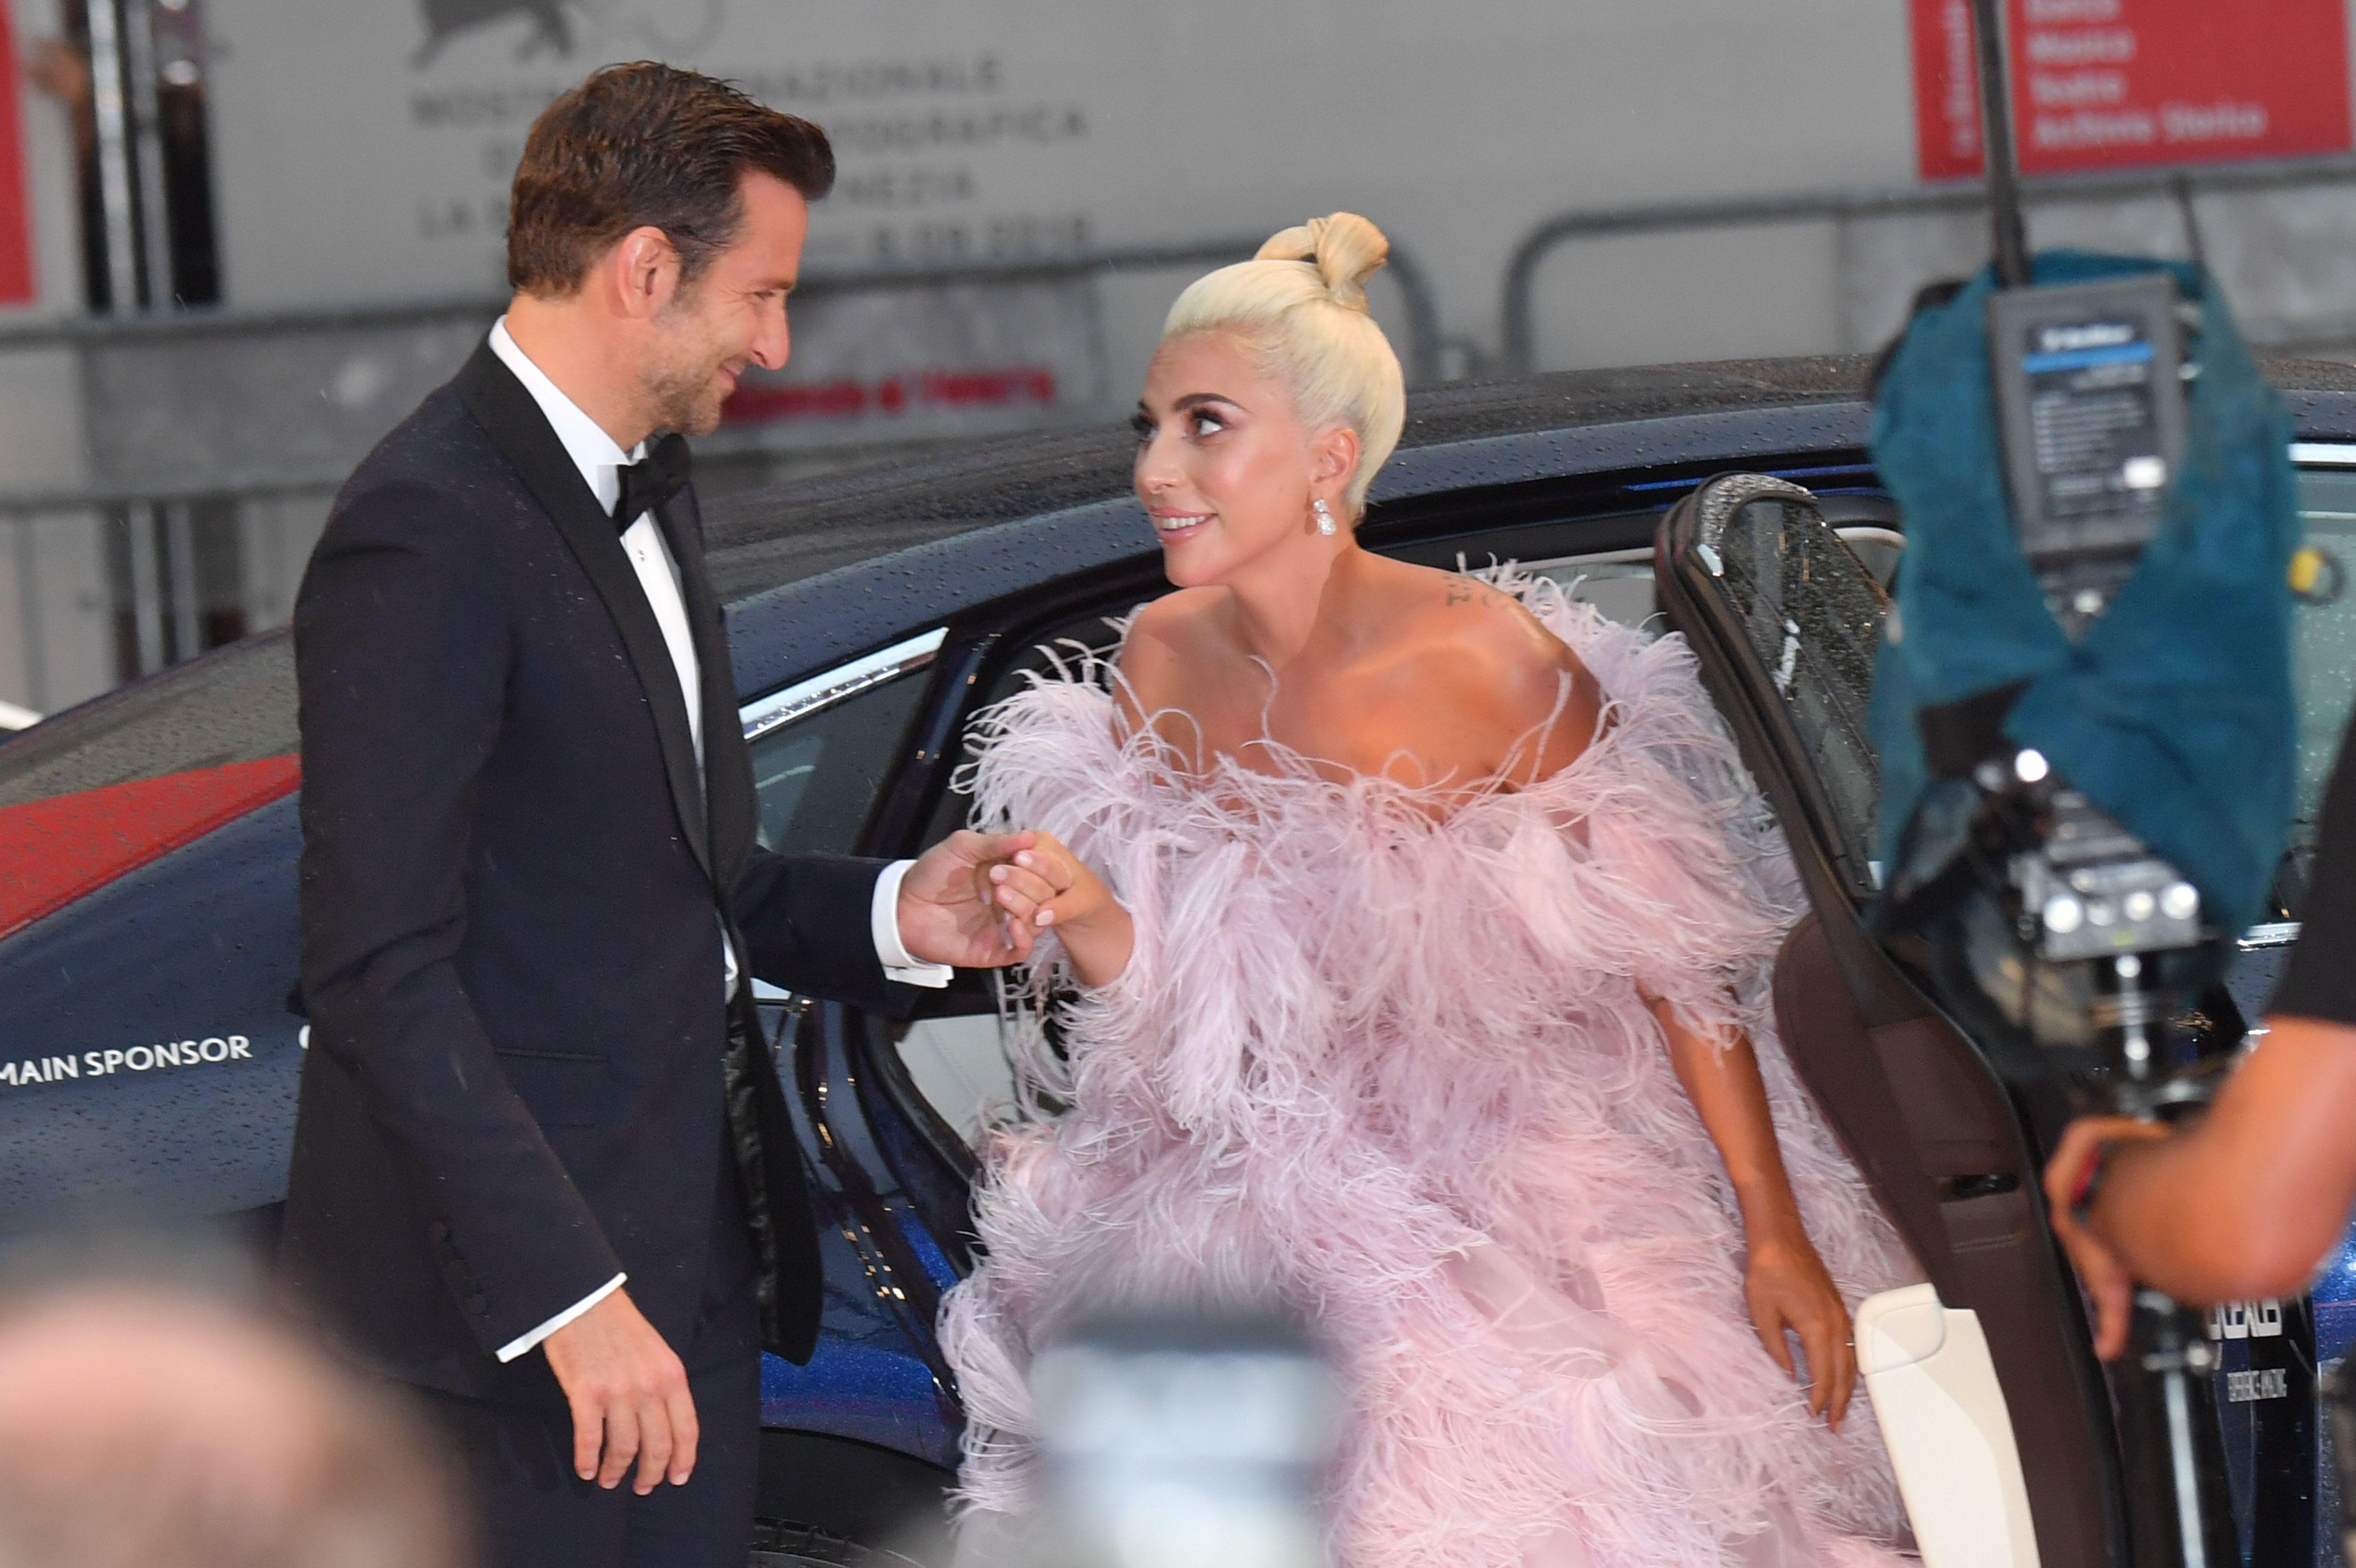 電影《一個巨星的誕生》讓布萊德利庫柏(Bradlay Cooper)和女神卡卡(Lady Gaga)成為最受歡迎的螢幕情侶。就像電影裡傑克森緬因看中艾莉的才華,現實生活中庫柏也是卡卡的伯樂,他堅持說服出資的製片人讓卡卡演出,最後事實證明他的眼光是對的。《一個巨星的誕生》皆入圍金球和奧斯卡獎的最佳男女主角、最佳電影,兩人合唱的主題曲〈Shallow〉更一舉獲得金球、葛萊美、奧斯卡獎的最佳原創歌曲!